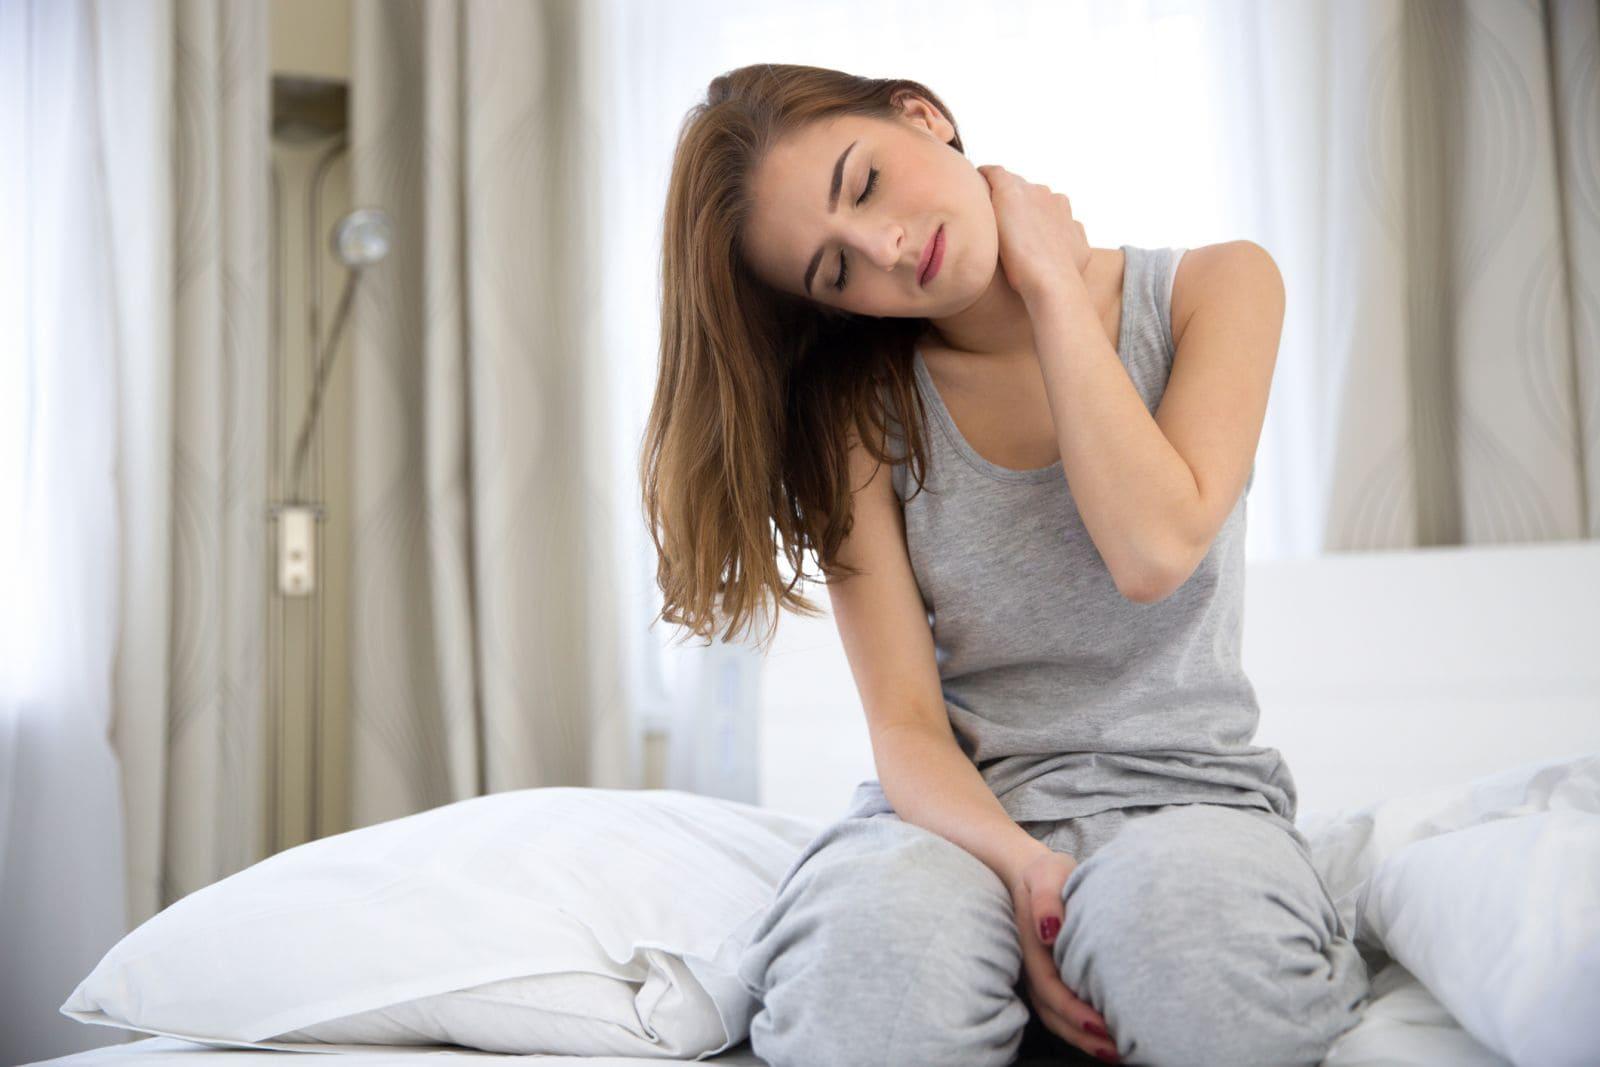 dolor ocasionado al dormir sin almohada